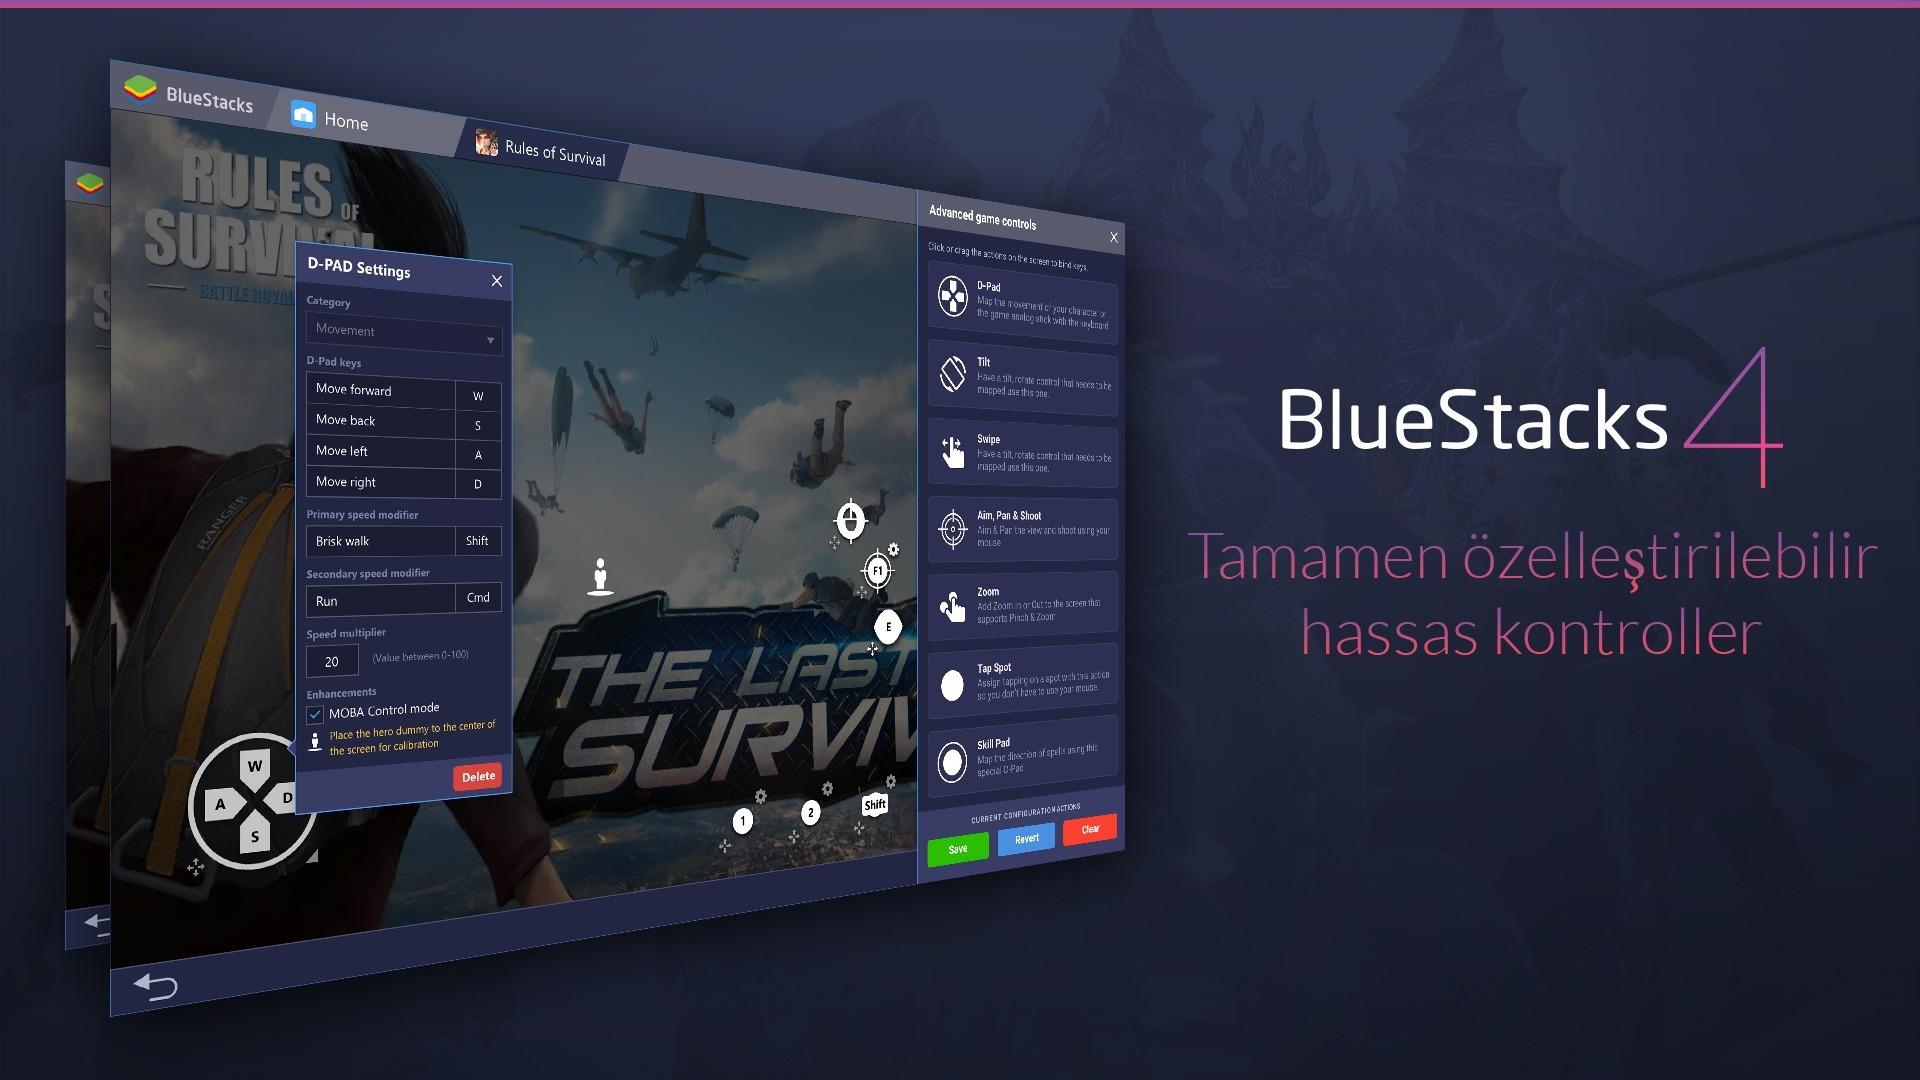 Yaptıklarınızı Kaydedin, Tek Tuşla Yeniden Oynatın: BlueStacks 4.2'nin Oyun Kayıt Tuşu Özelliği